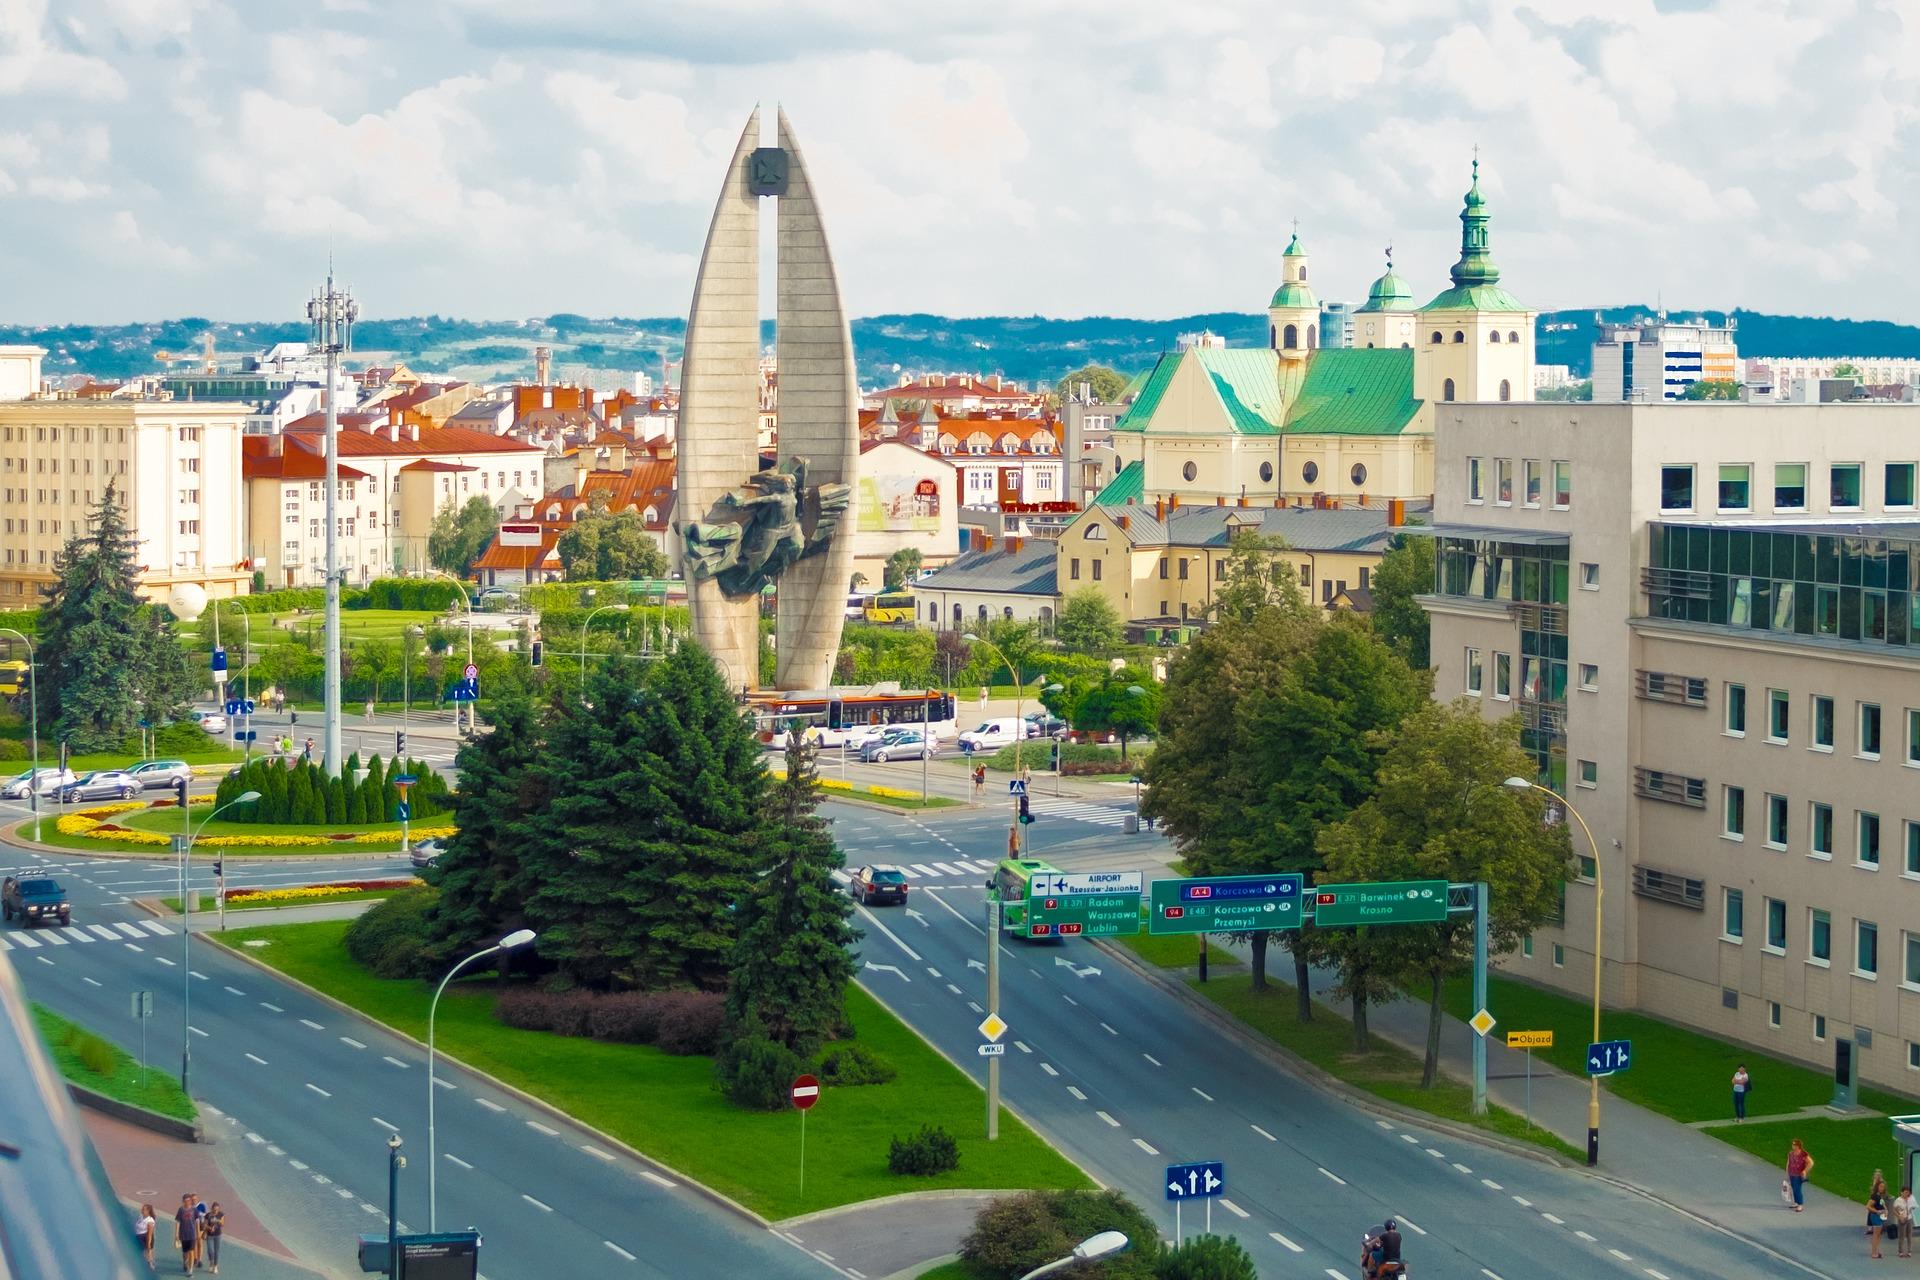 Asseco implementiert das erste intelligente Parksystem in Rzeszów